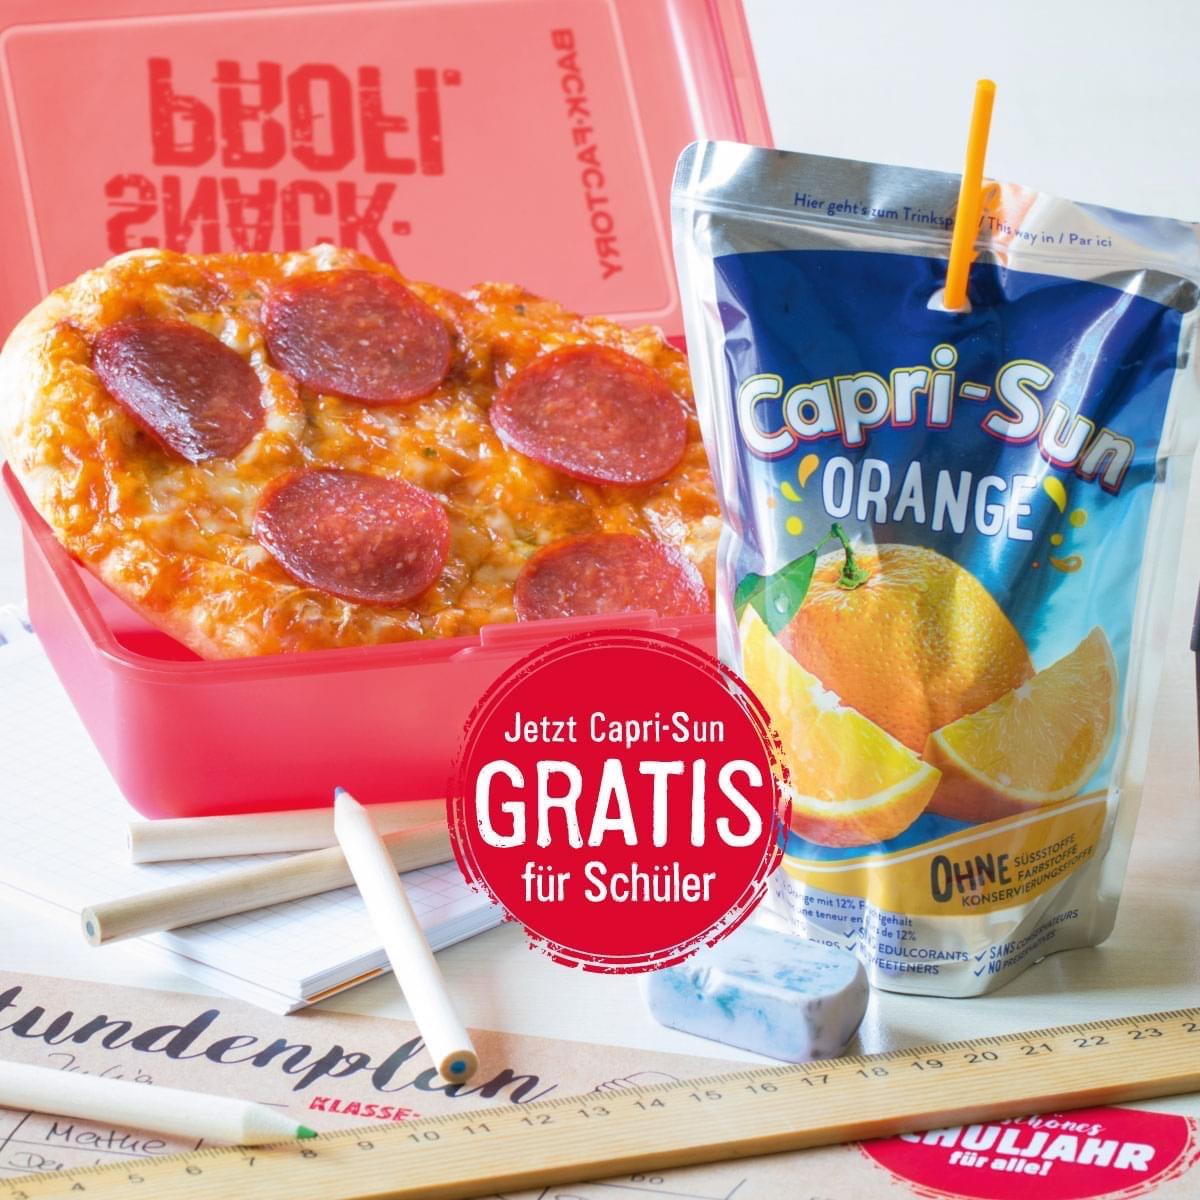 [Back-Factory] Für Schüler: Gratis Capri-Sun bei Kauf einer Pizza